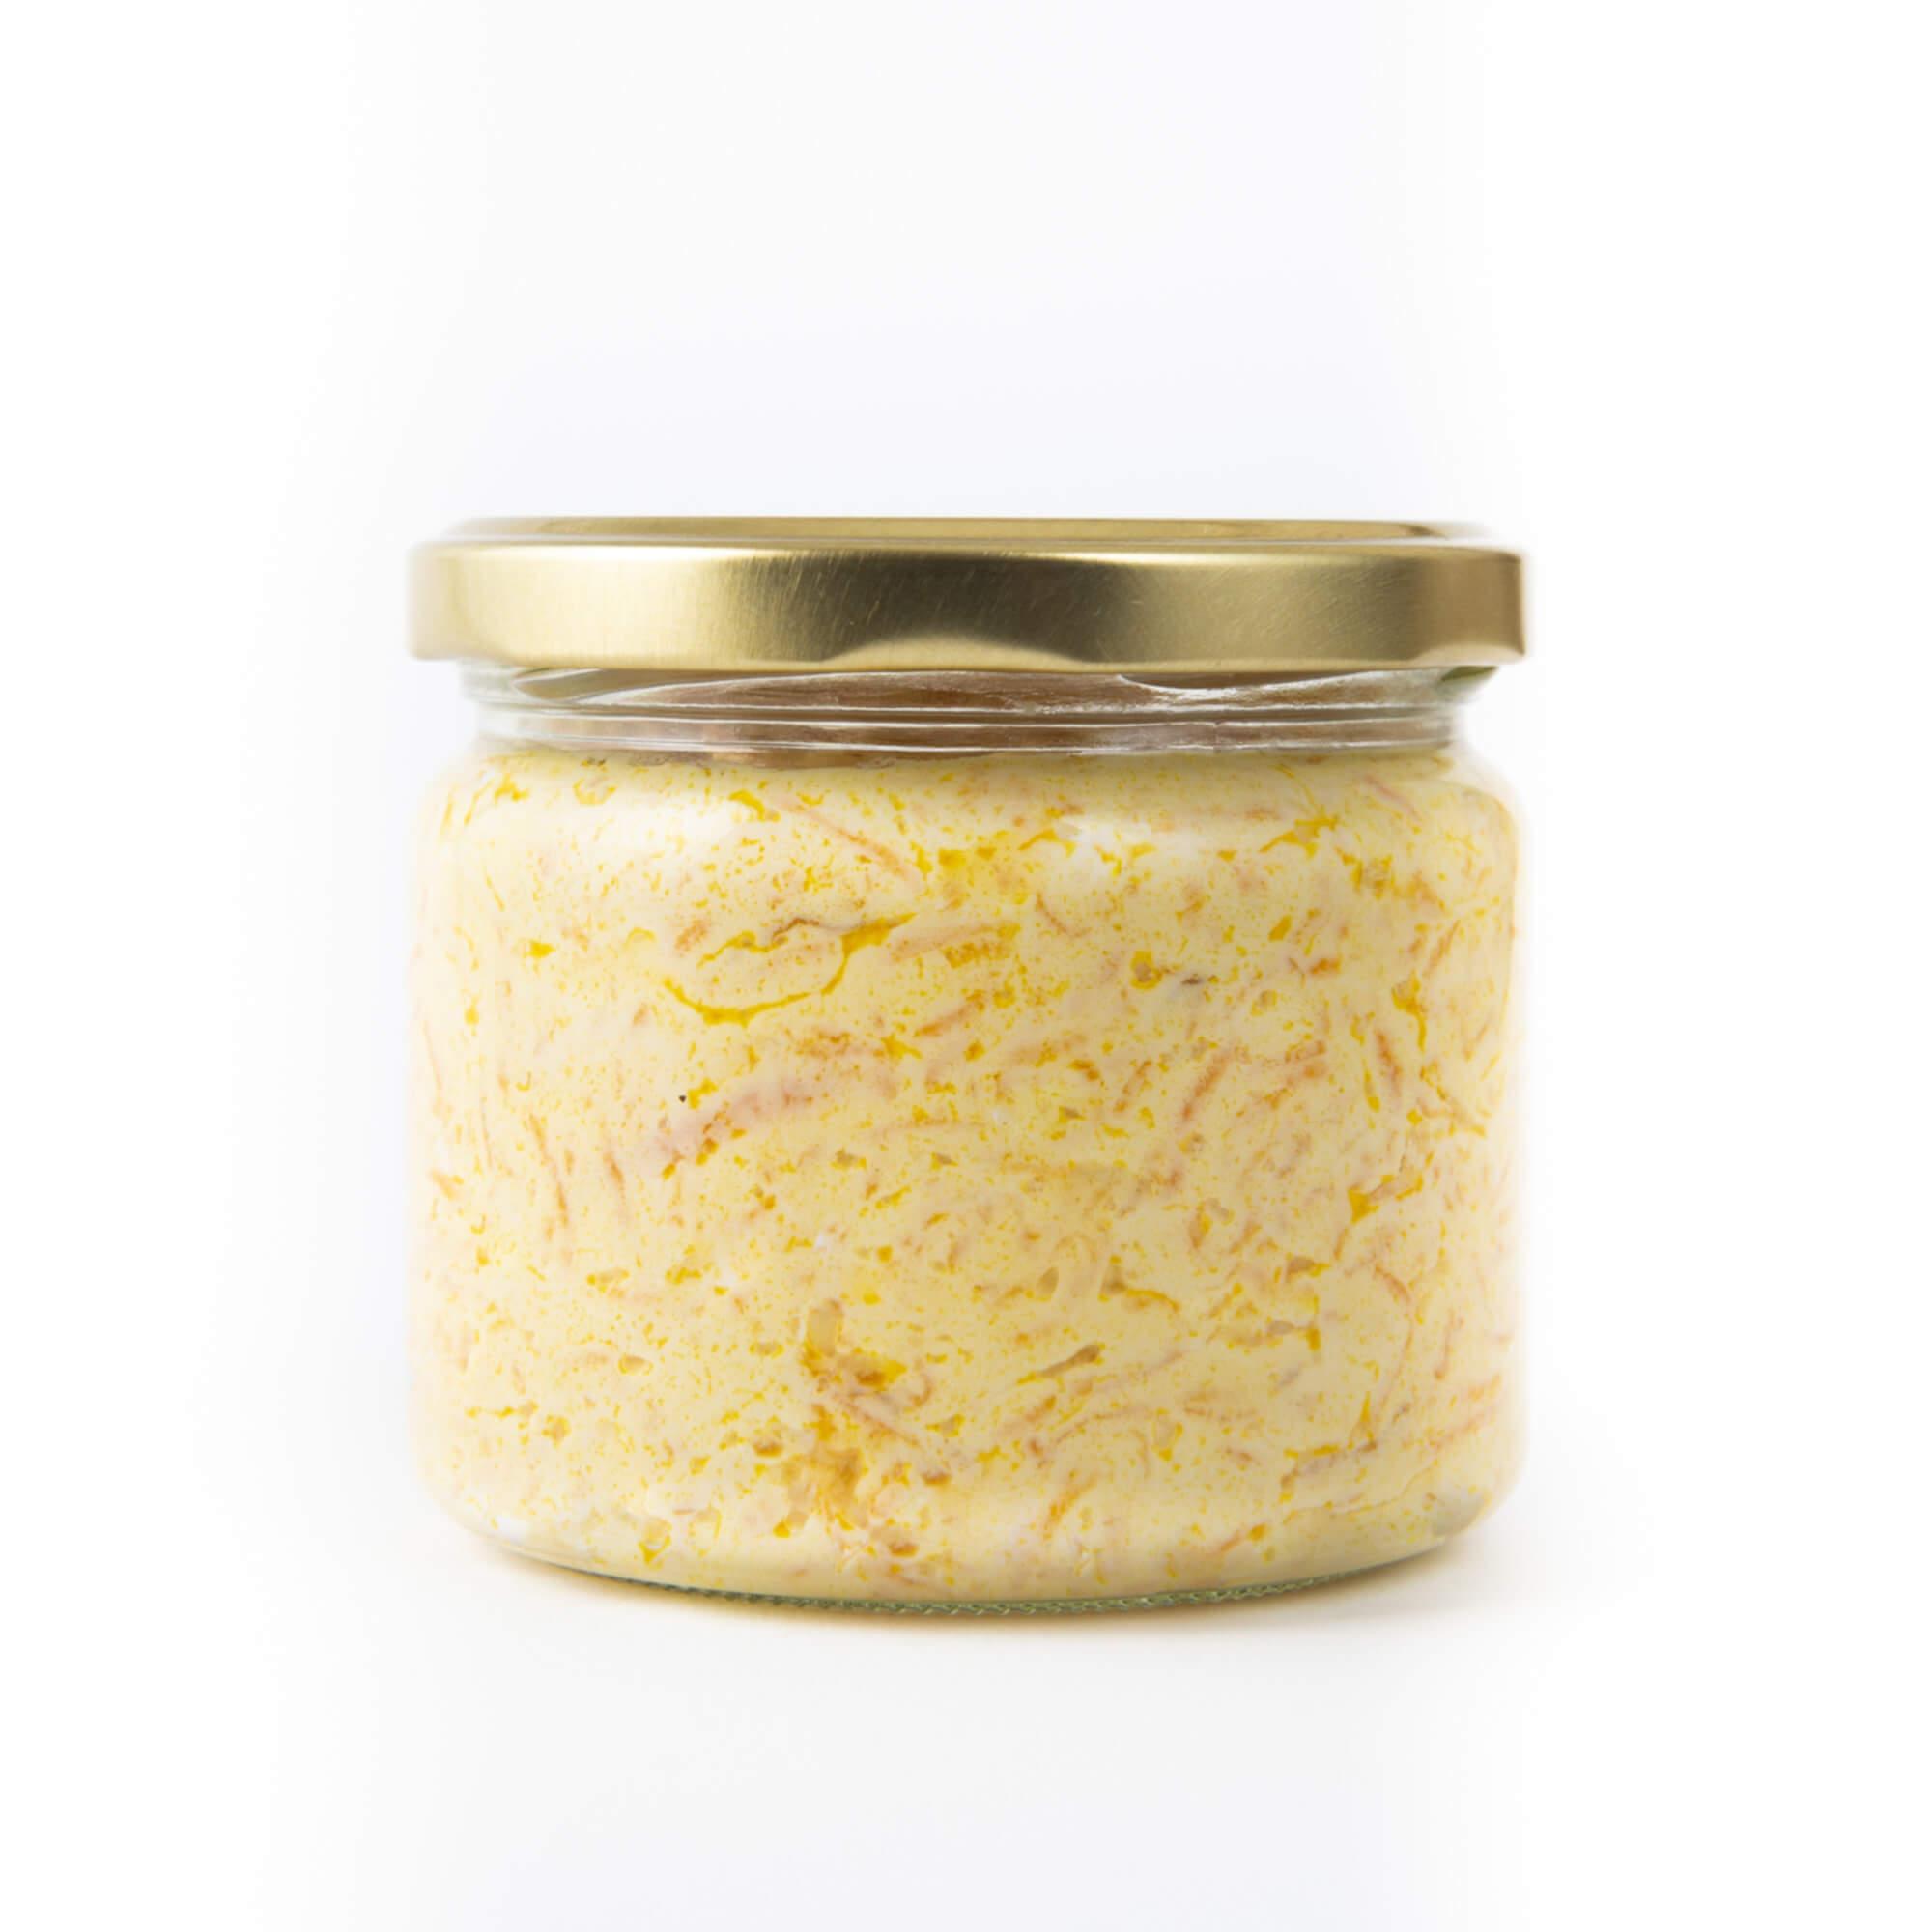 Karotte in Joghurt mit Walnüssen im Glas geschlossen von hinten